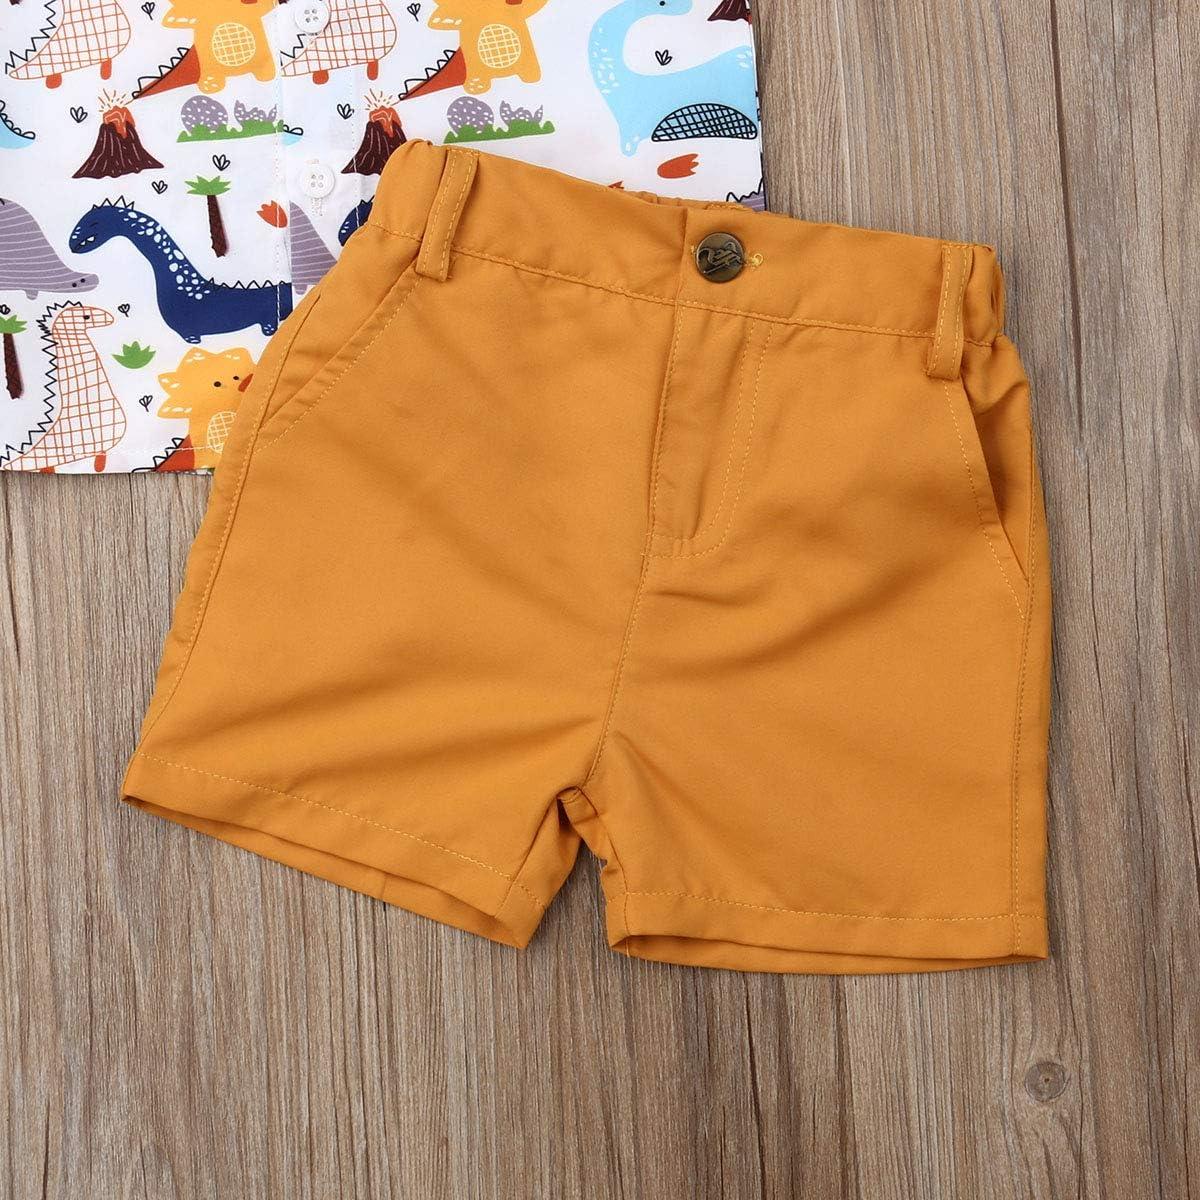 Pantaloncini Bambino da Spiaggia Carolilly Completo Bambino Set Coordinato 2 Pezzi Camicia Magliette Estive Stampa Dinosauro